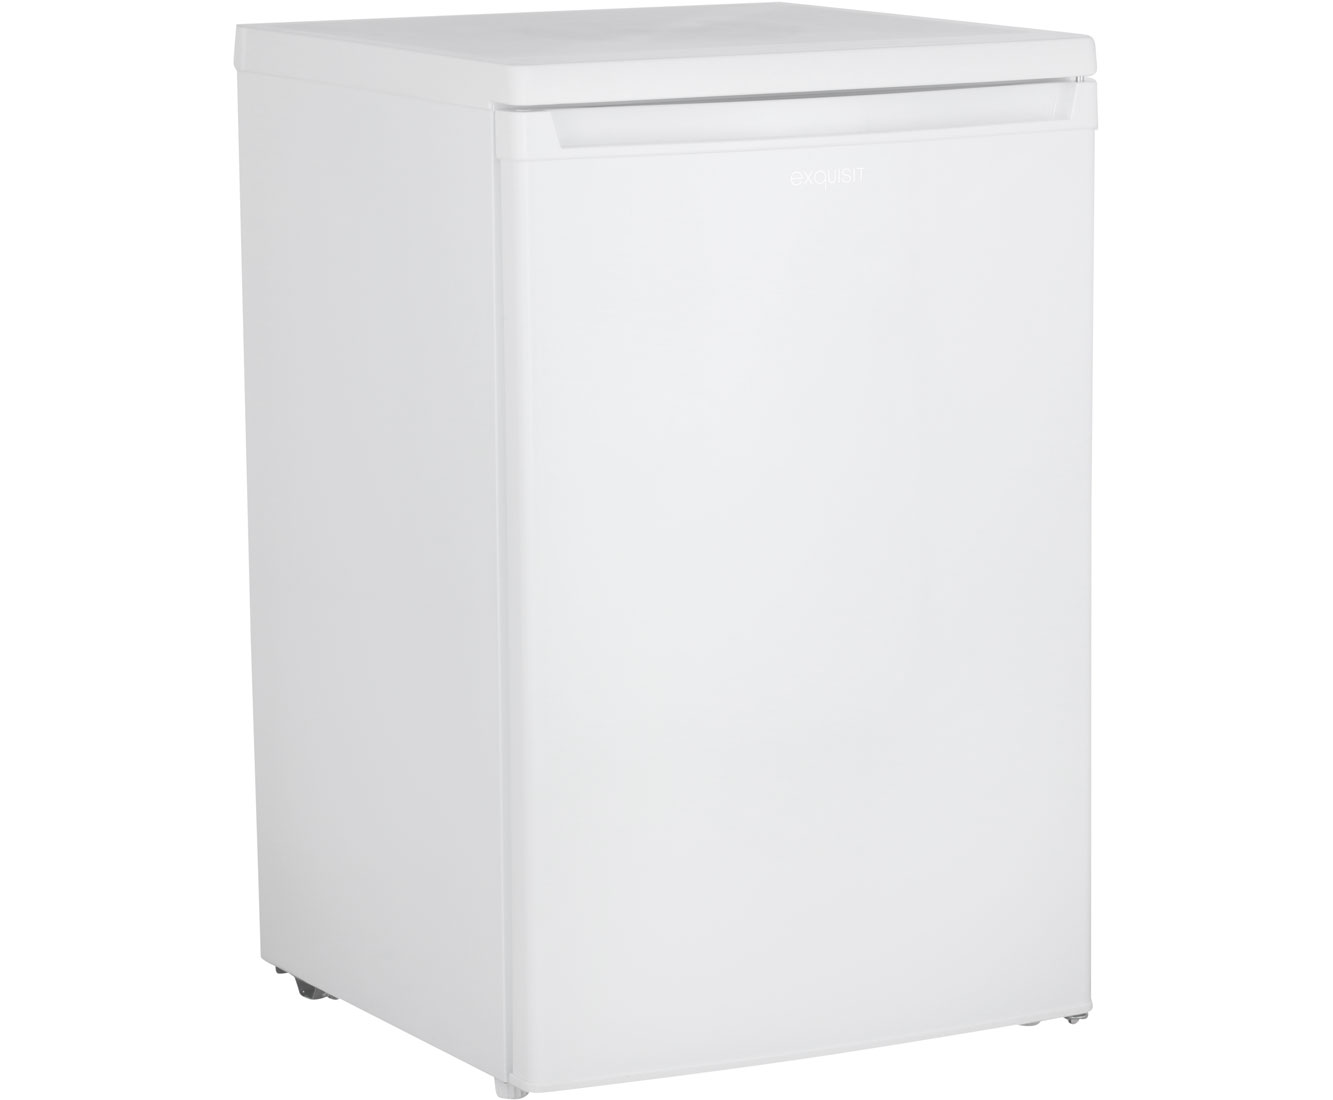 Exquisit Mini Kühlschrank : Exquisit ks a kühlschrank mit gefrierfach weiß a